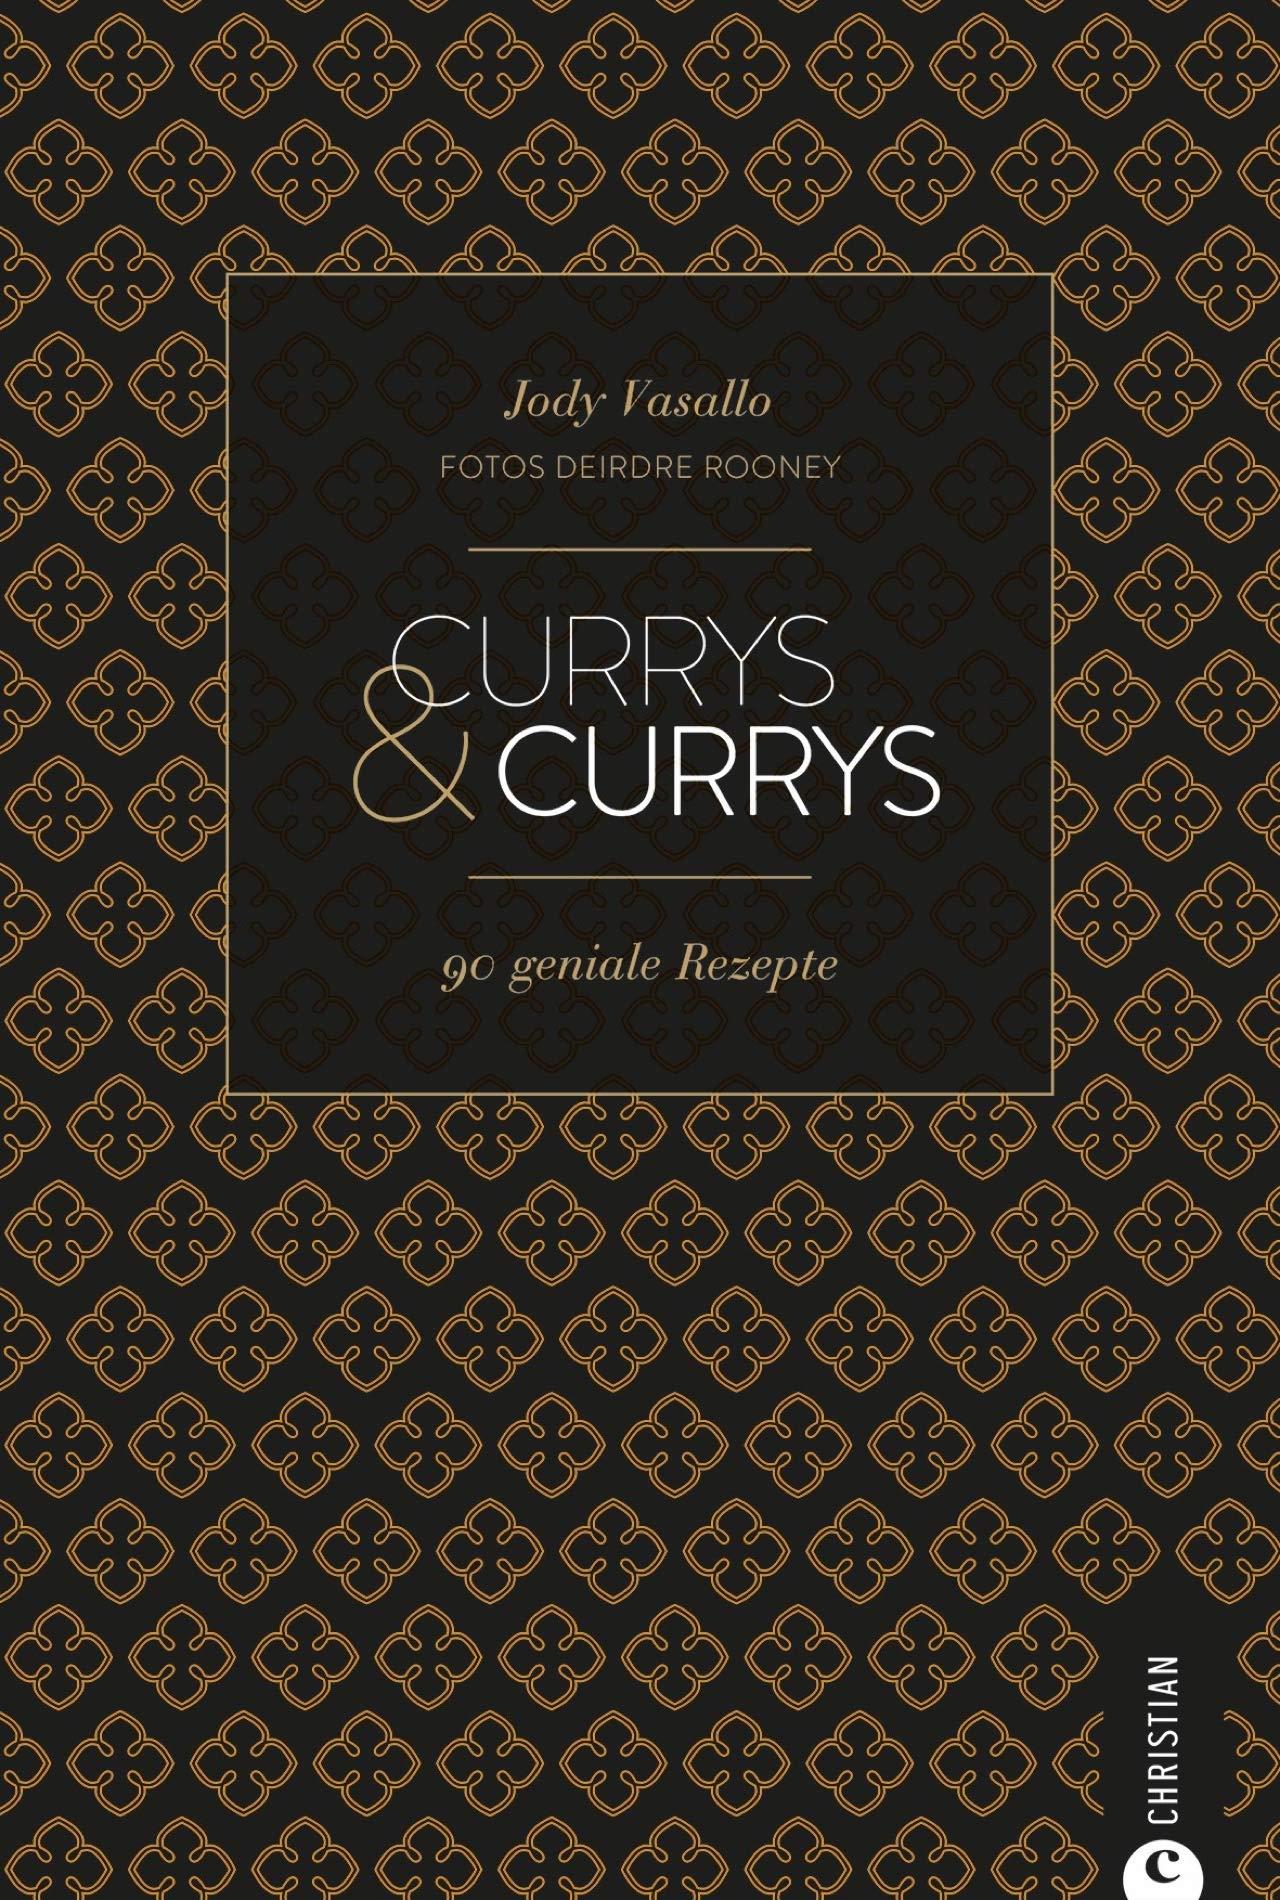 Cook & Style: Currys & Currys: 90 Rezepte für mich und meine Freunde.